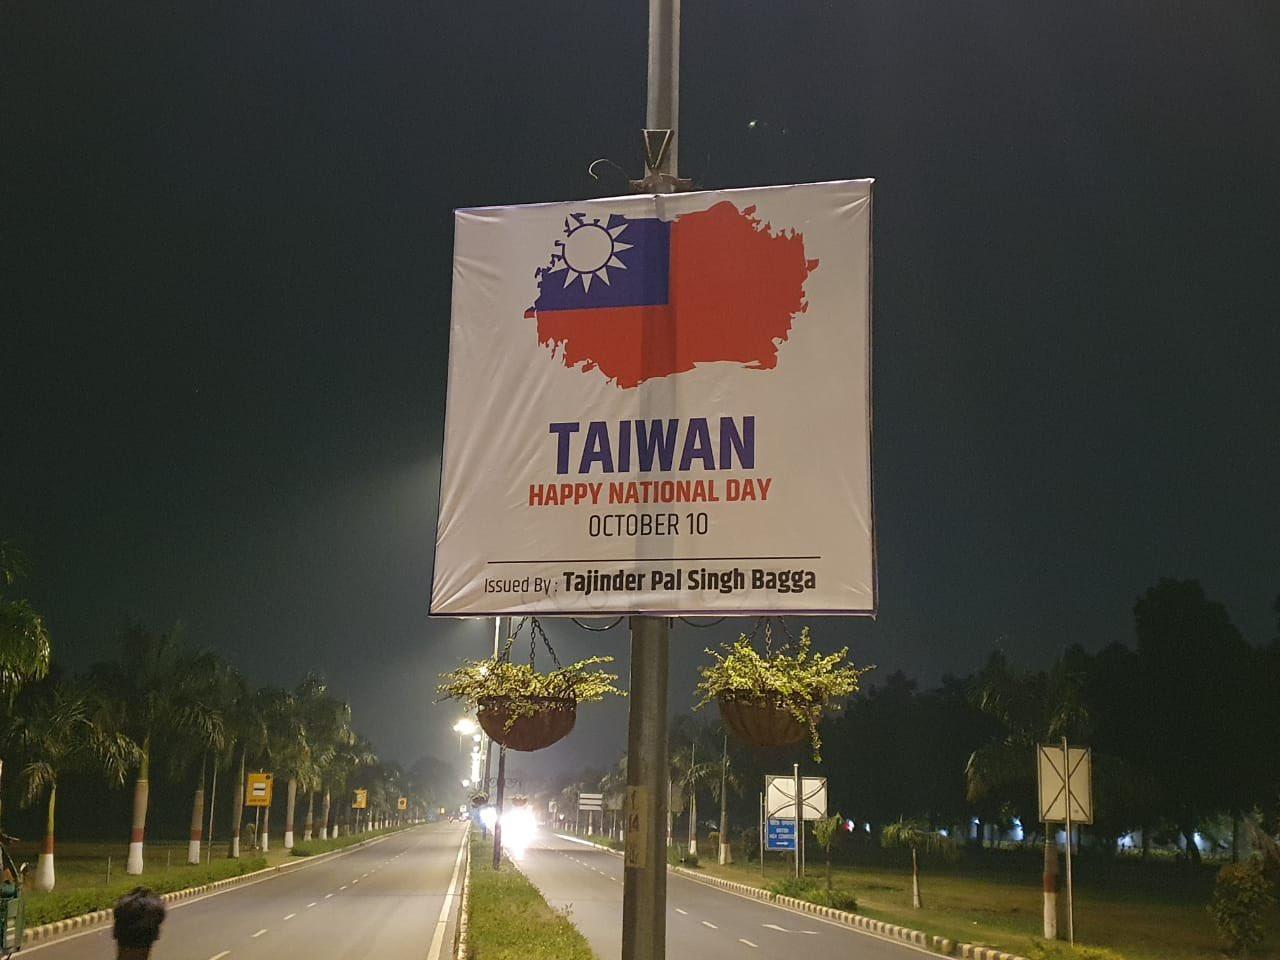 台灣雙十節凌晨,中國駐印度大使館附近已掛出許多祝賀中華民國「國慶日快樂」的海報。(圖取自twitter.com/AdityaRajKaul)